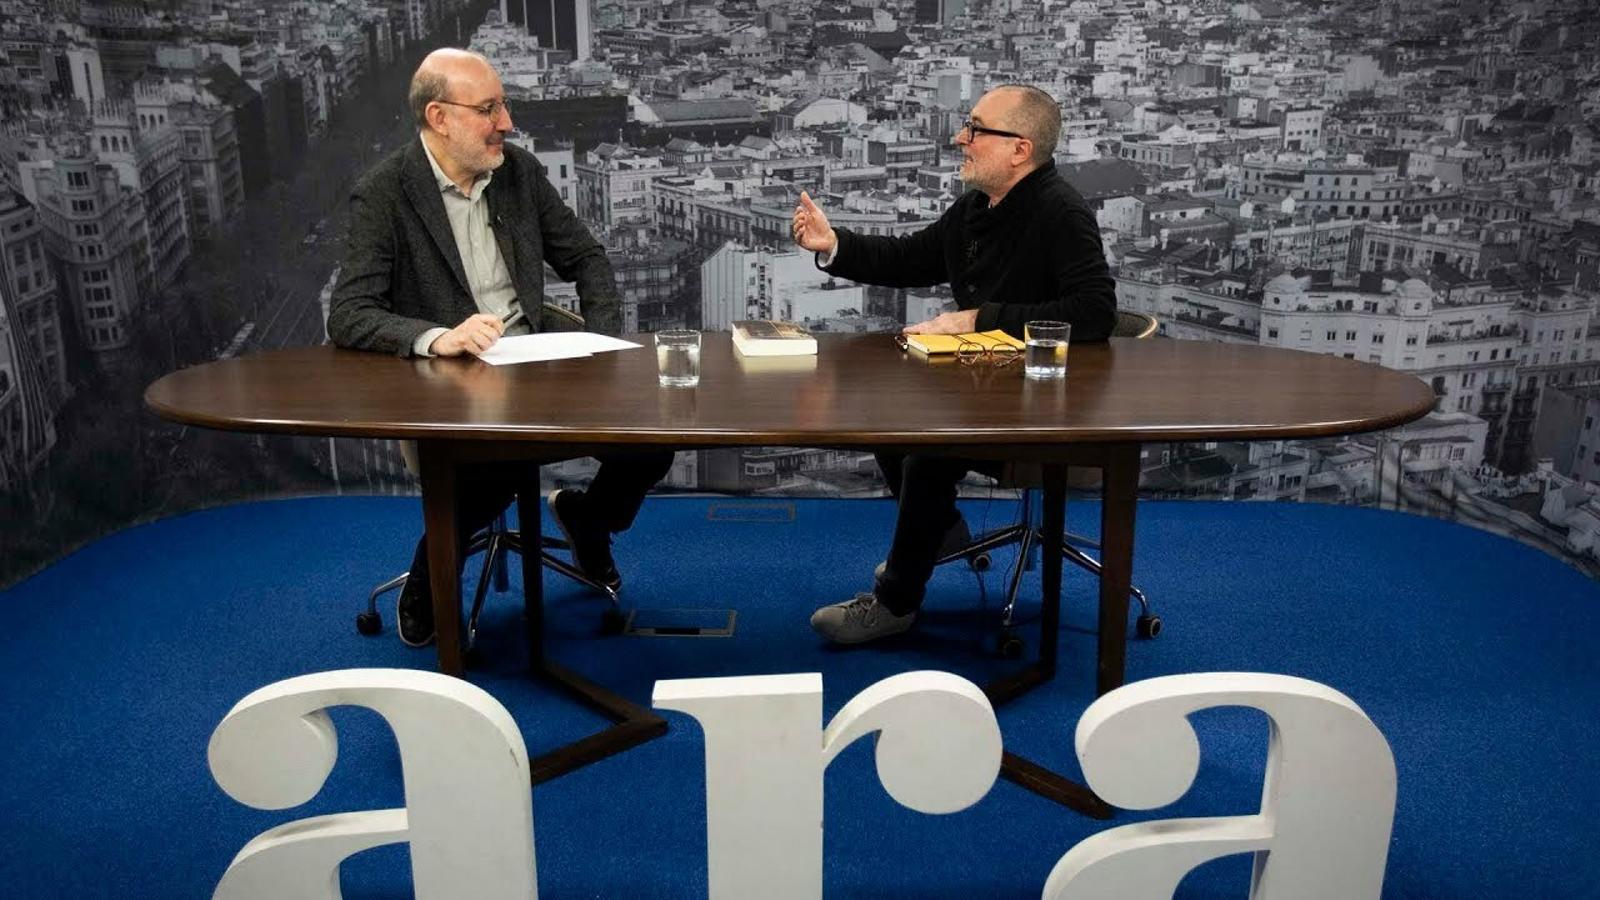 Entrevista d'Antoni Bassas a Joan Carles Mèlich